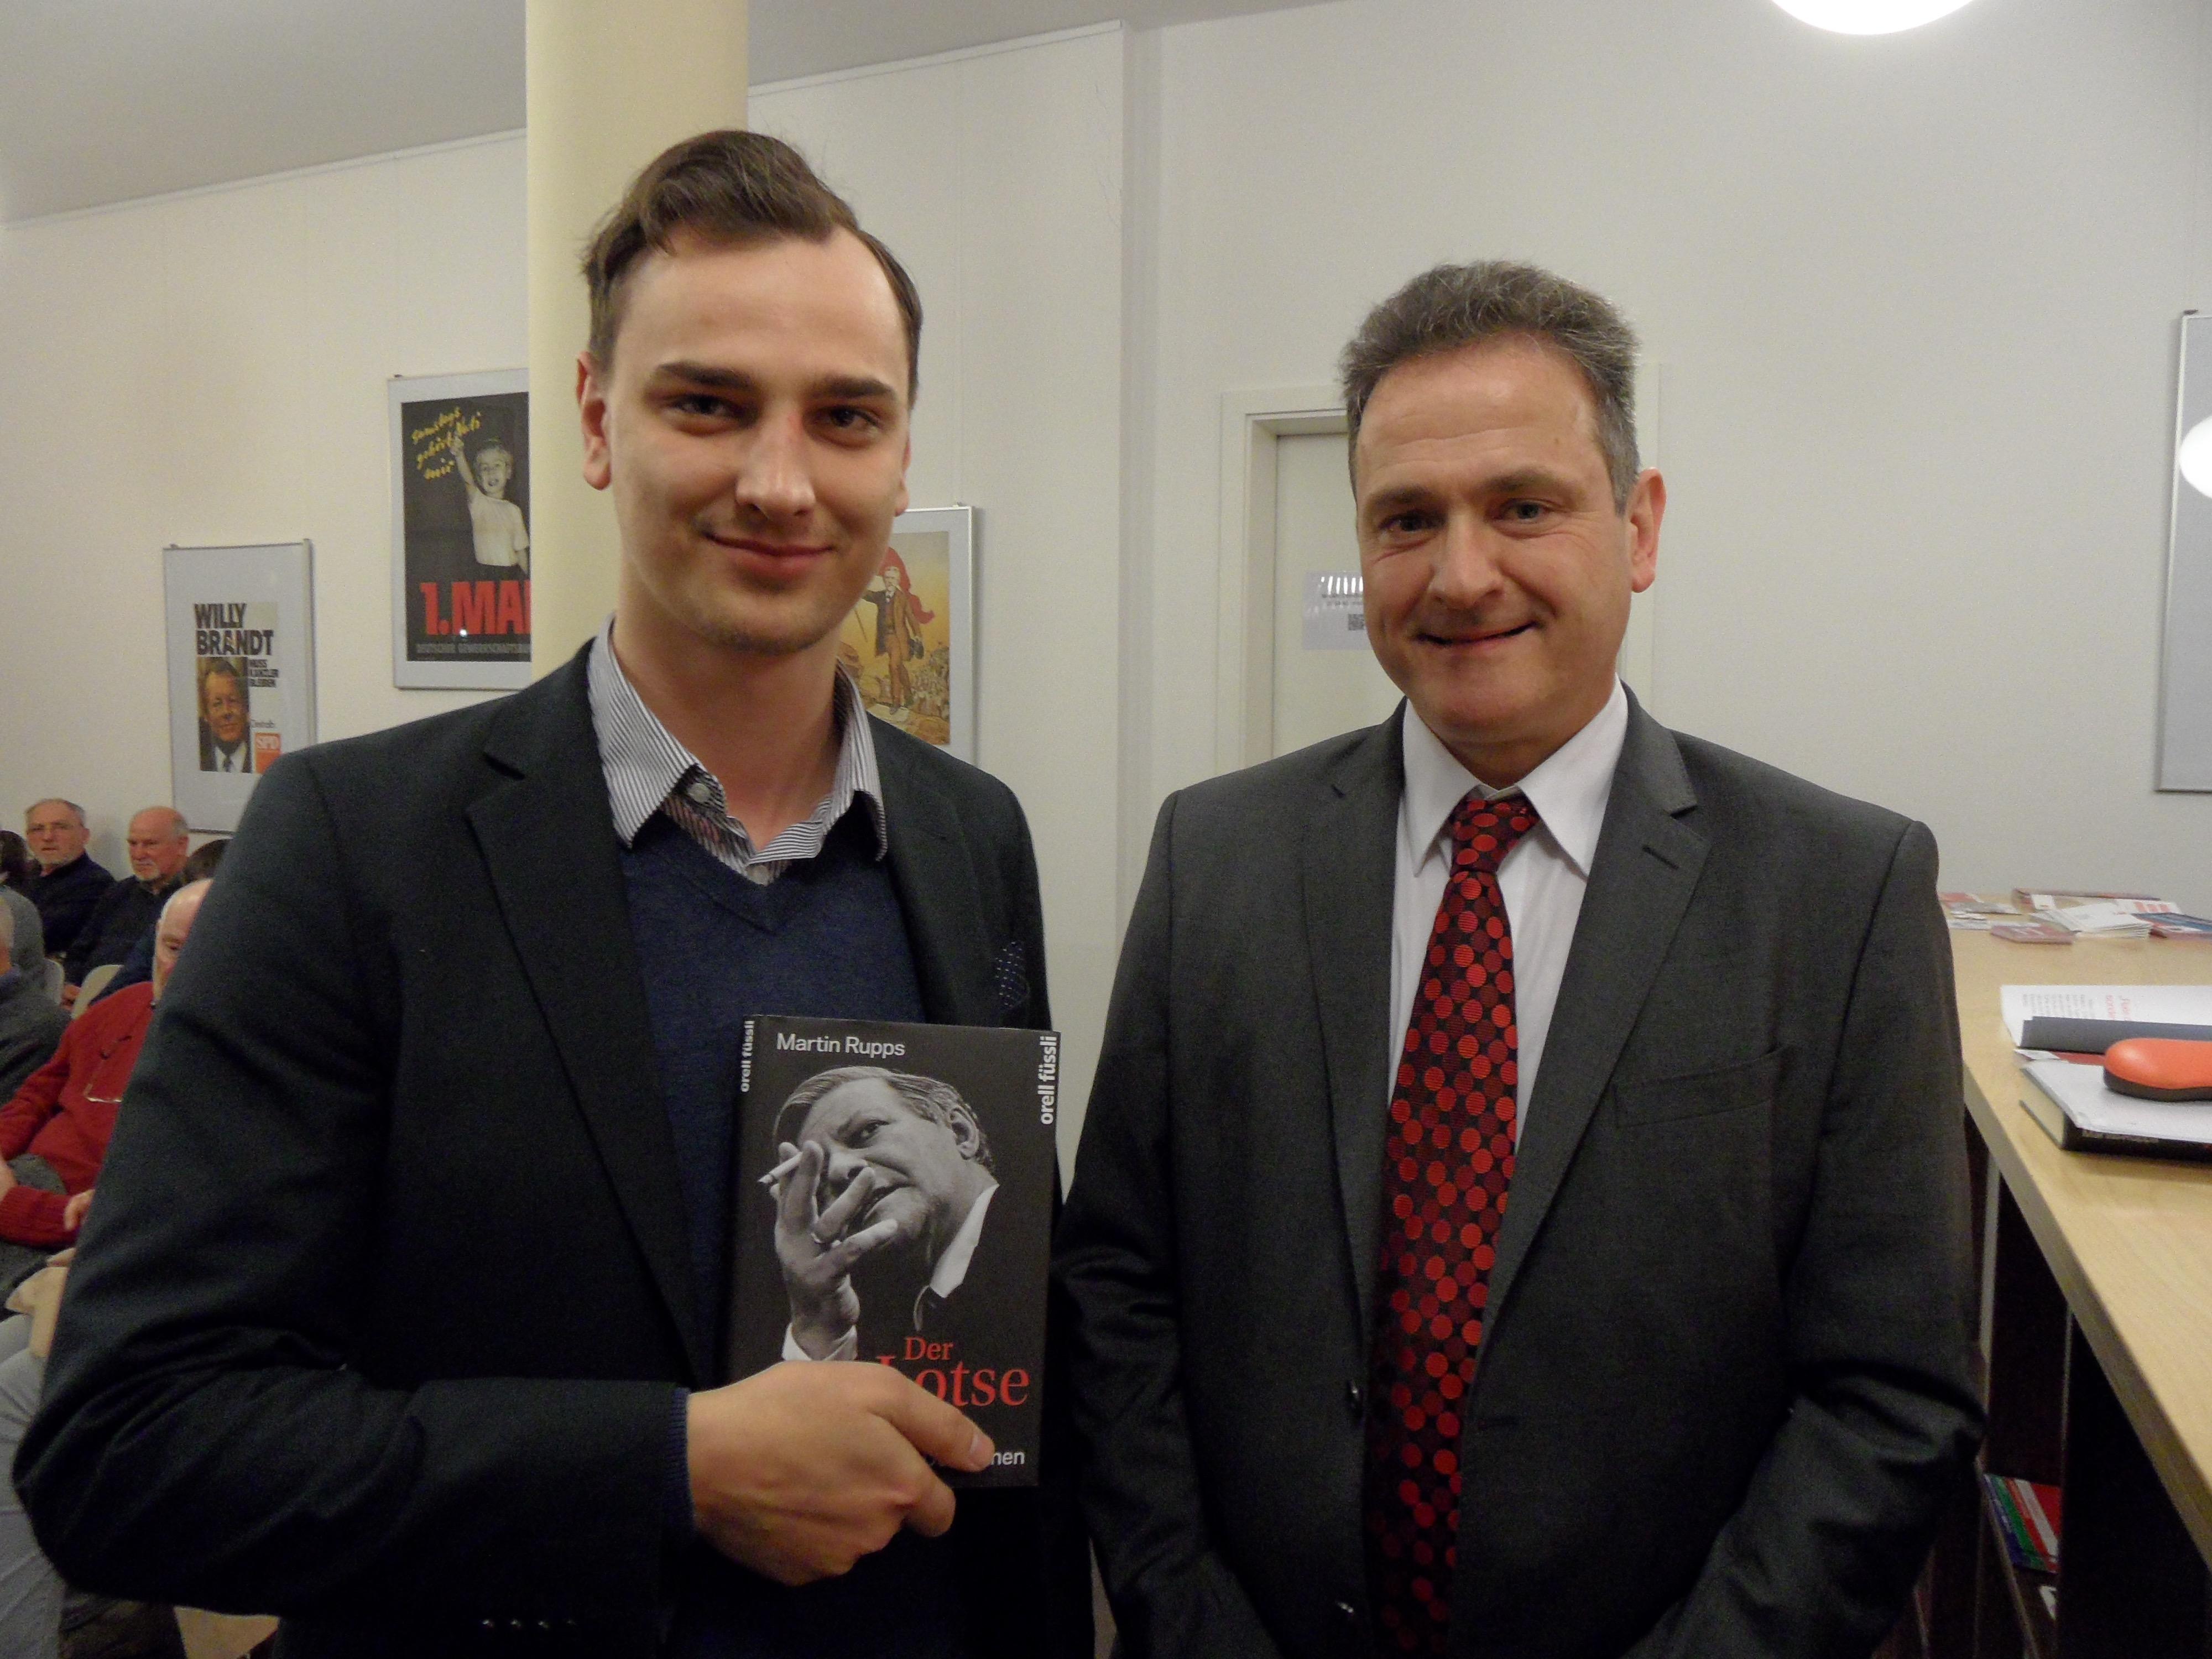 Leipzig-lauscht-Redakteur David Rentel mit Martin Rupps (r.). © David Rentel